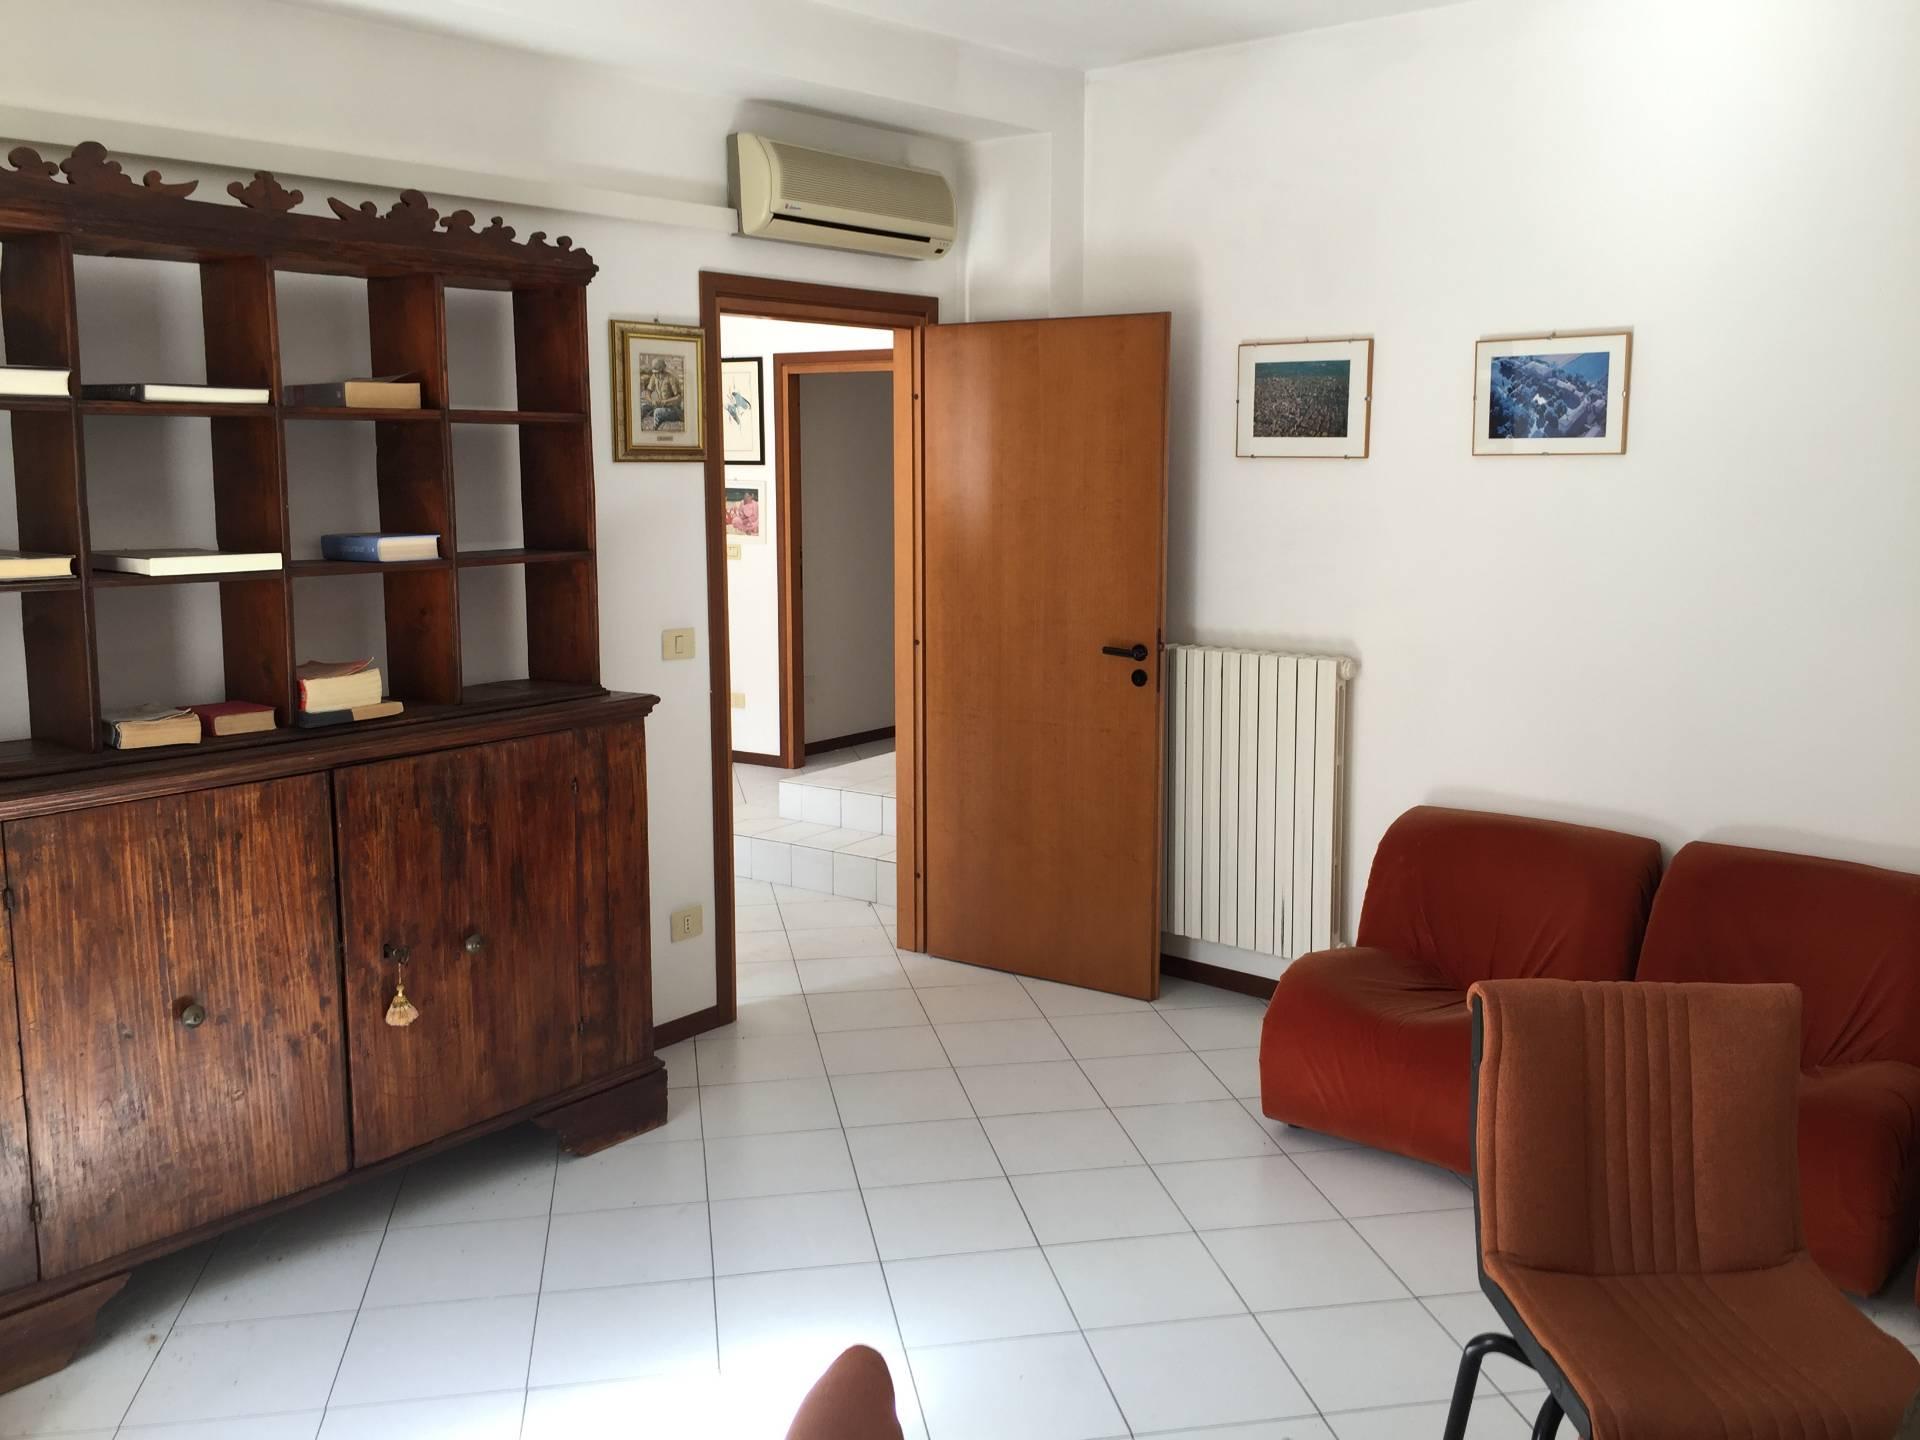 Ufficio / Studio in vendita a San Giovanni in Persiceto, 9999 locali, zona Zona: Budrie, prezzo € 54.000 | Cambio Casa.it